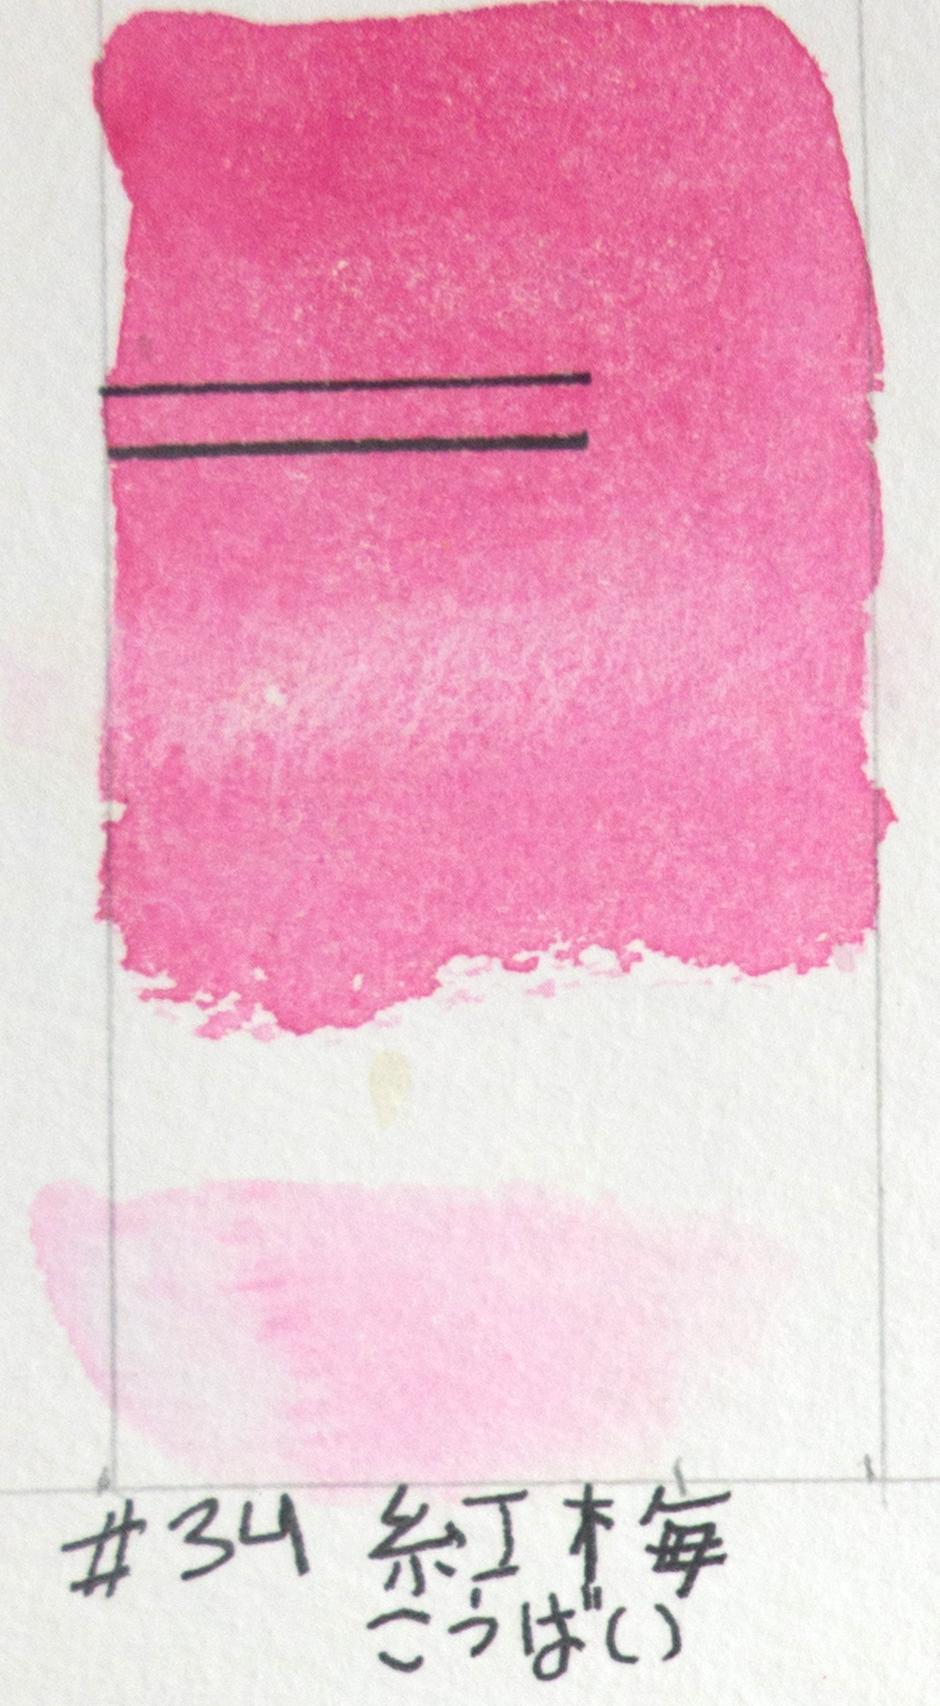 Kuretake Gansai Tambi- #34, 紅梅, Dark Pink